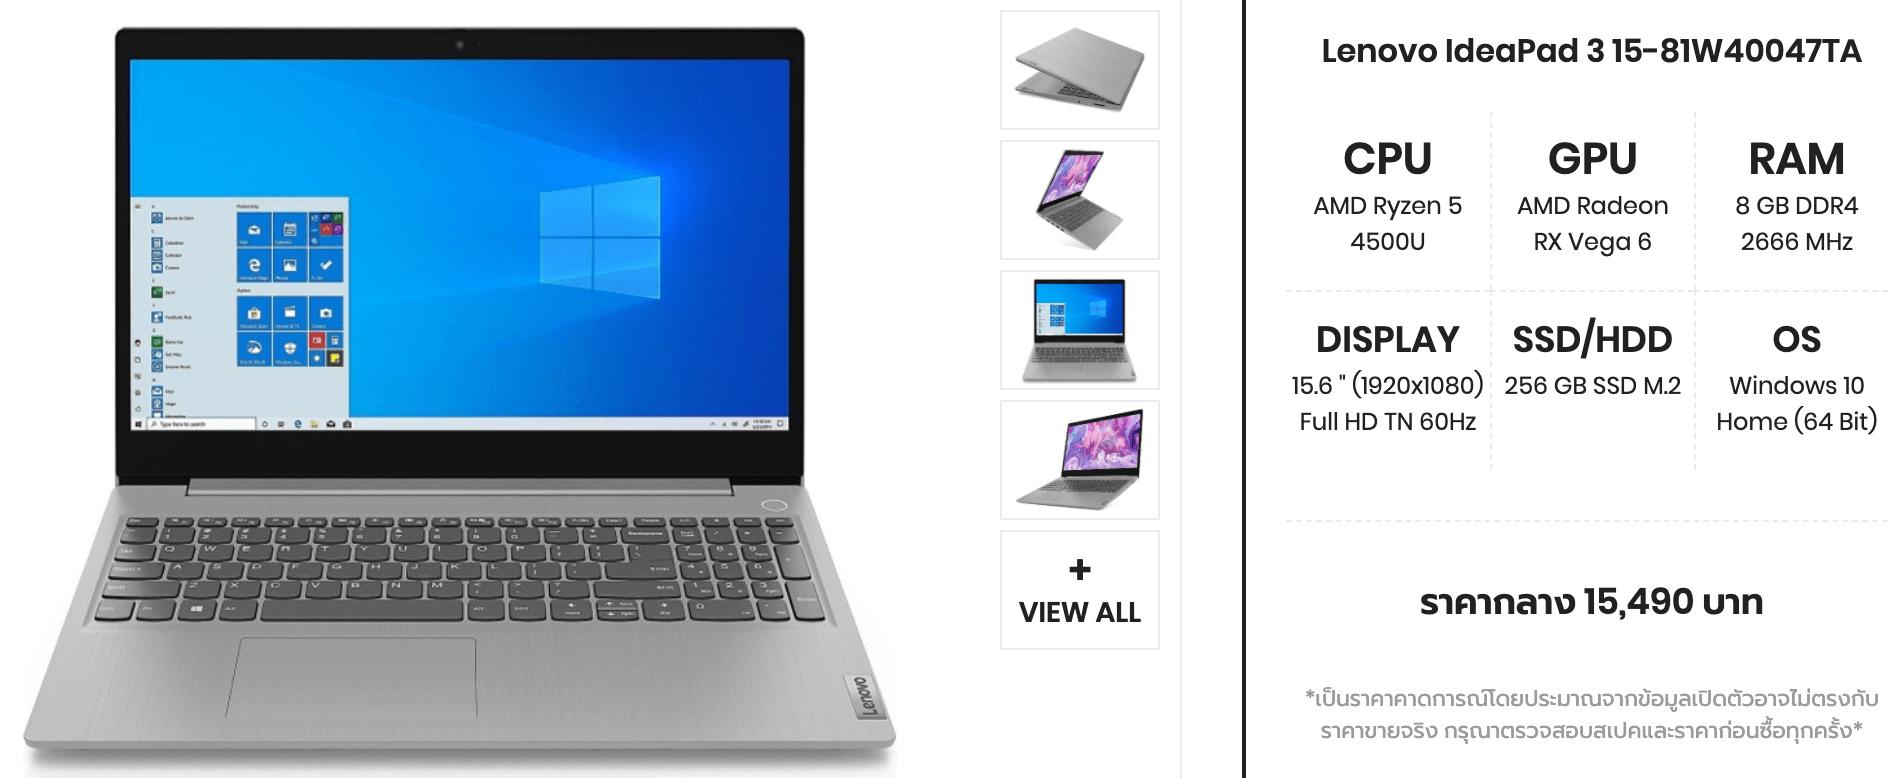 Lenovo IdeaPad 3 15 81W40047TA